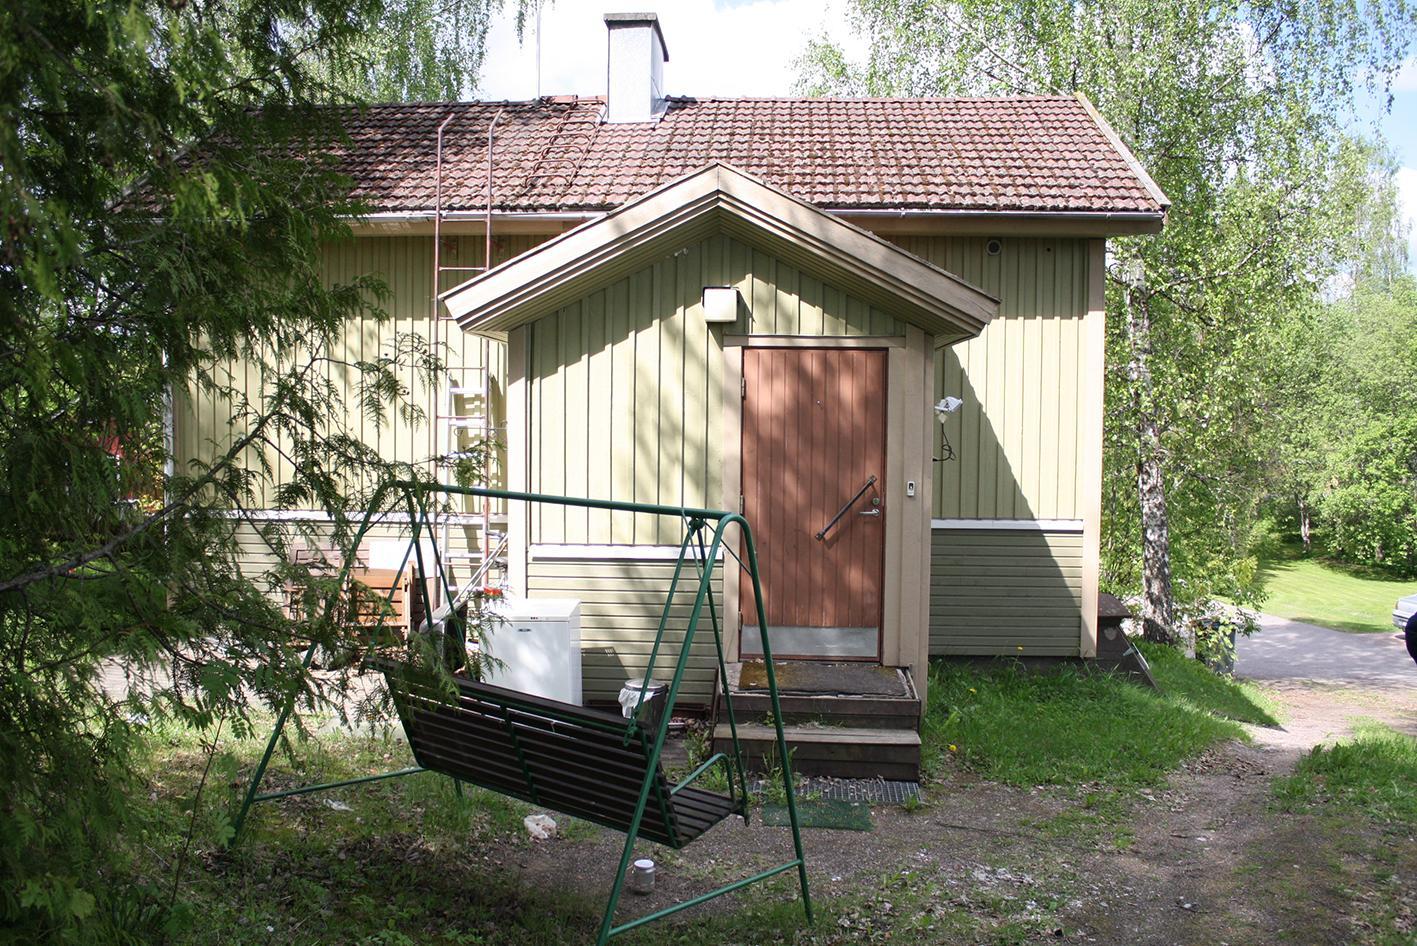 Omakotitalo, jonka pihalla keinu osoitteessa Hyttikuja 7, Rajamäki.